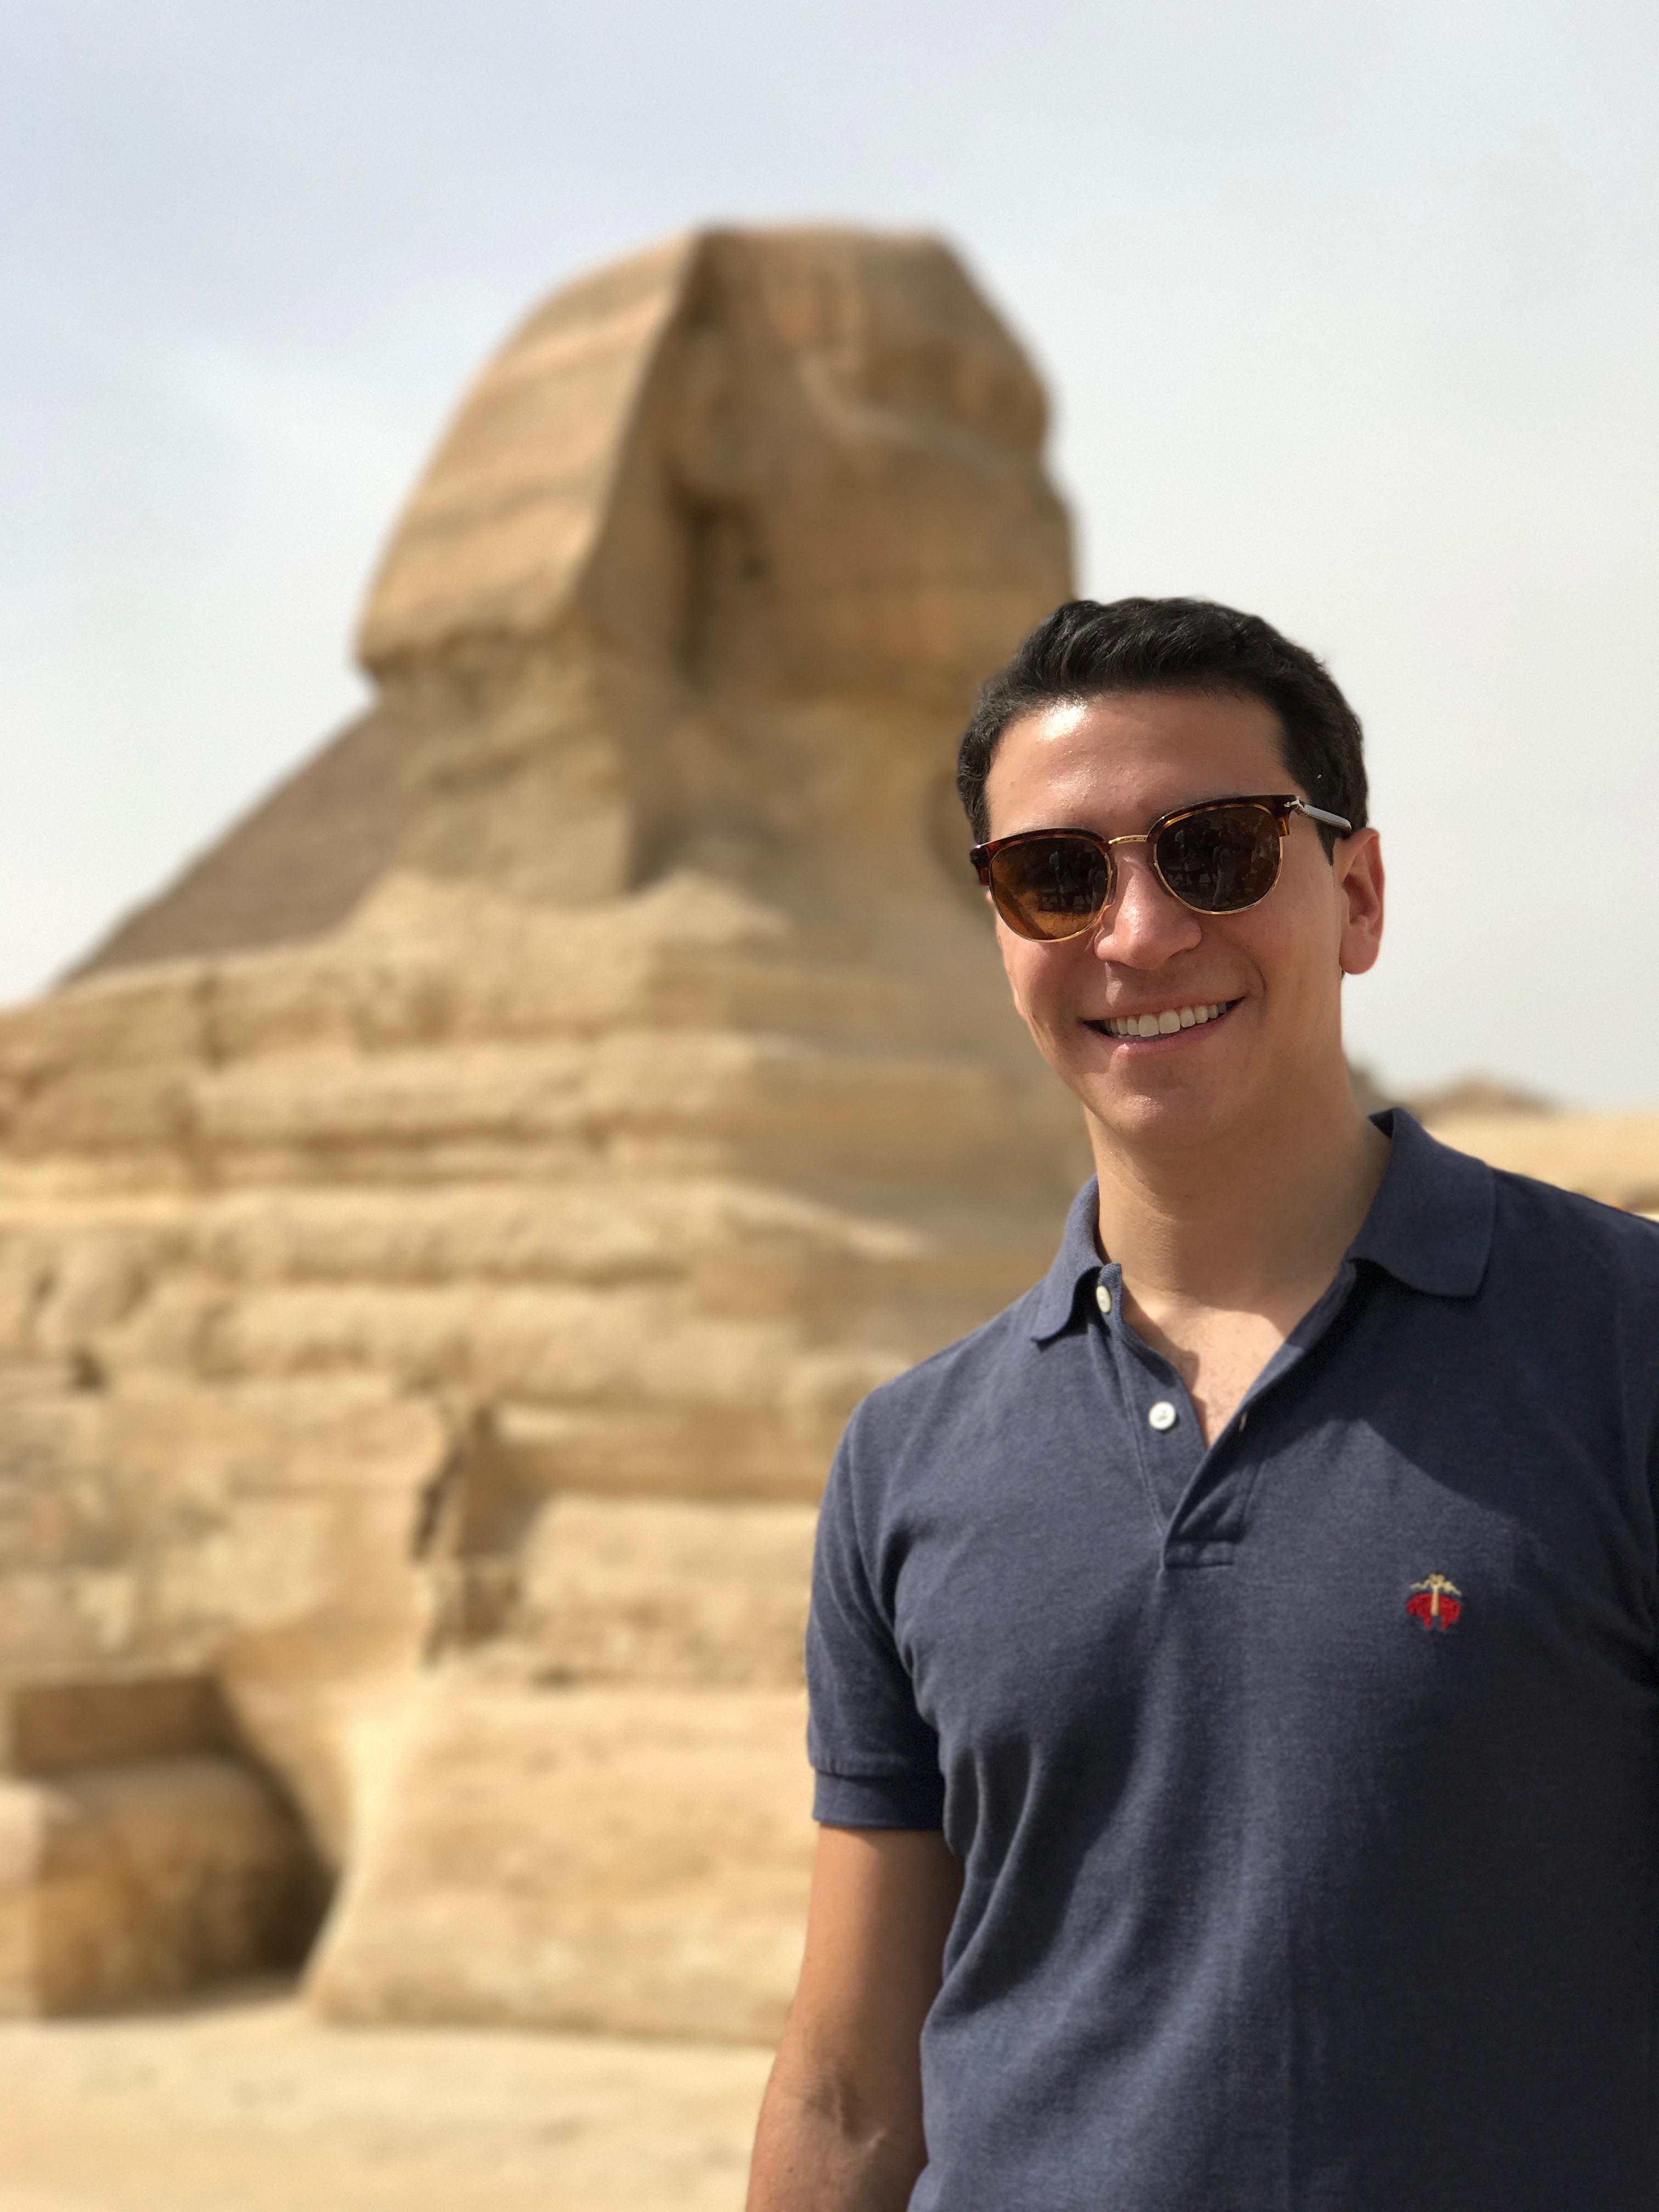 fugora travel ernesto mendez chiari panama egypt cairo